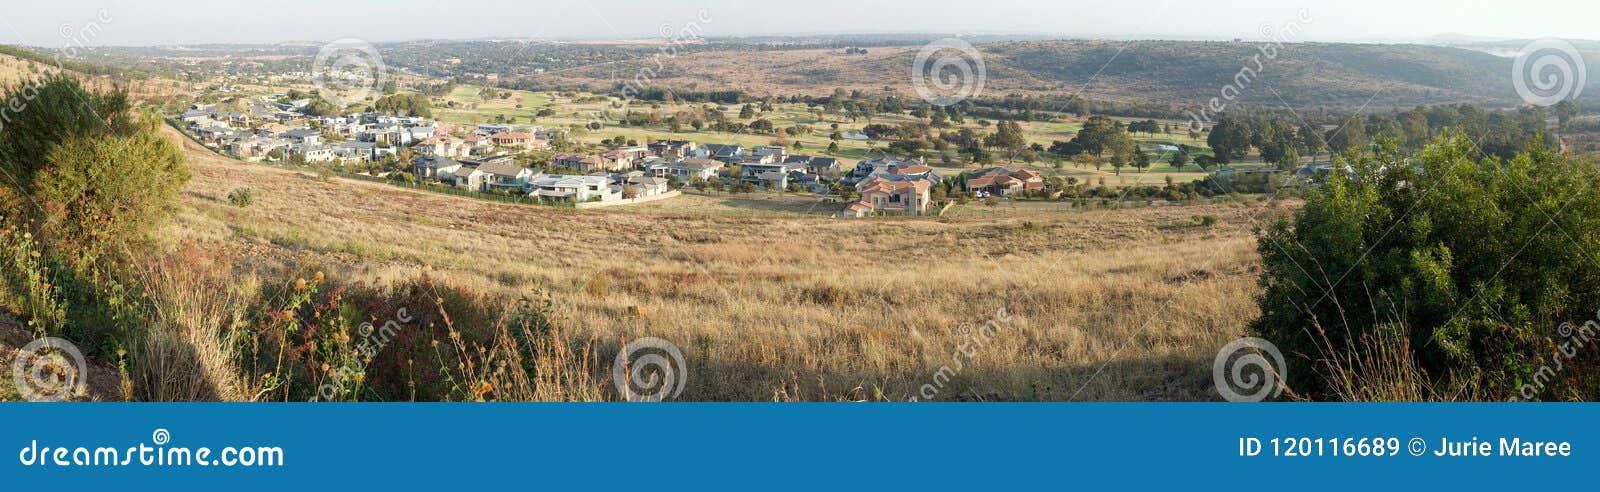 Waterkloof e seu campo de golfe, Pretoria, África do Sul